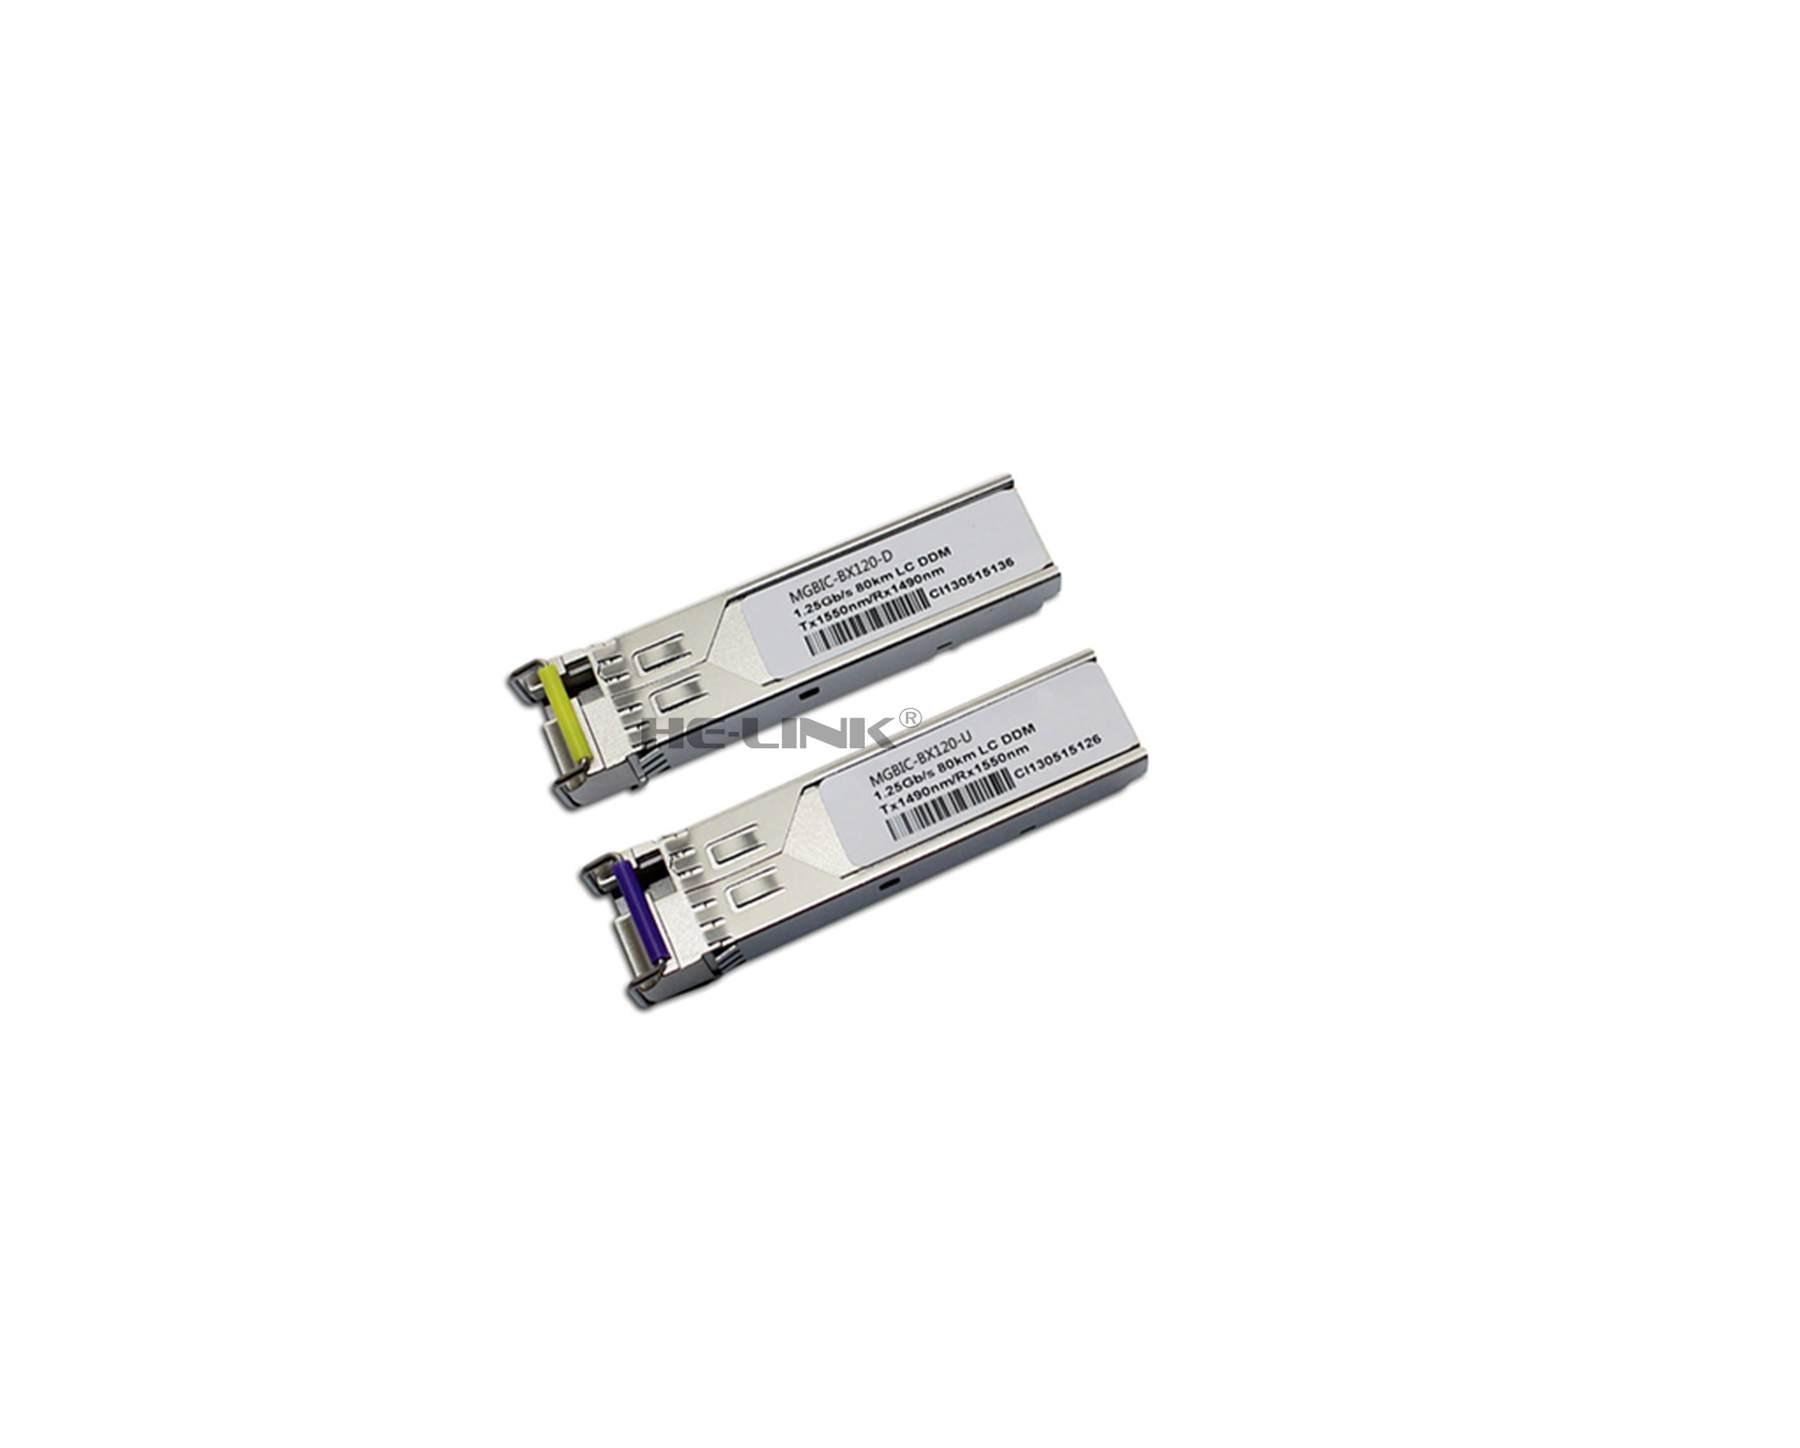 LODFIBER MGBIC-BX120-U/MGBIC-BX120-D EX-TR-EME Net-worksCompatible 1.25G 1490/1550nm BiDi 120km TransceiverLODFIBER MGBIC-BX120-U/MGBIC-BX120-D EX-TR-EME Net-worksCompatible 1.25G 1490/1550nm BiDi 120km Transceiver